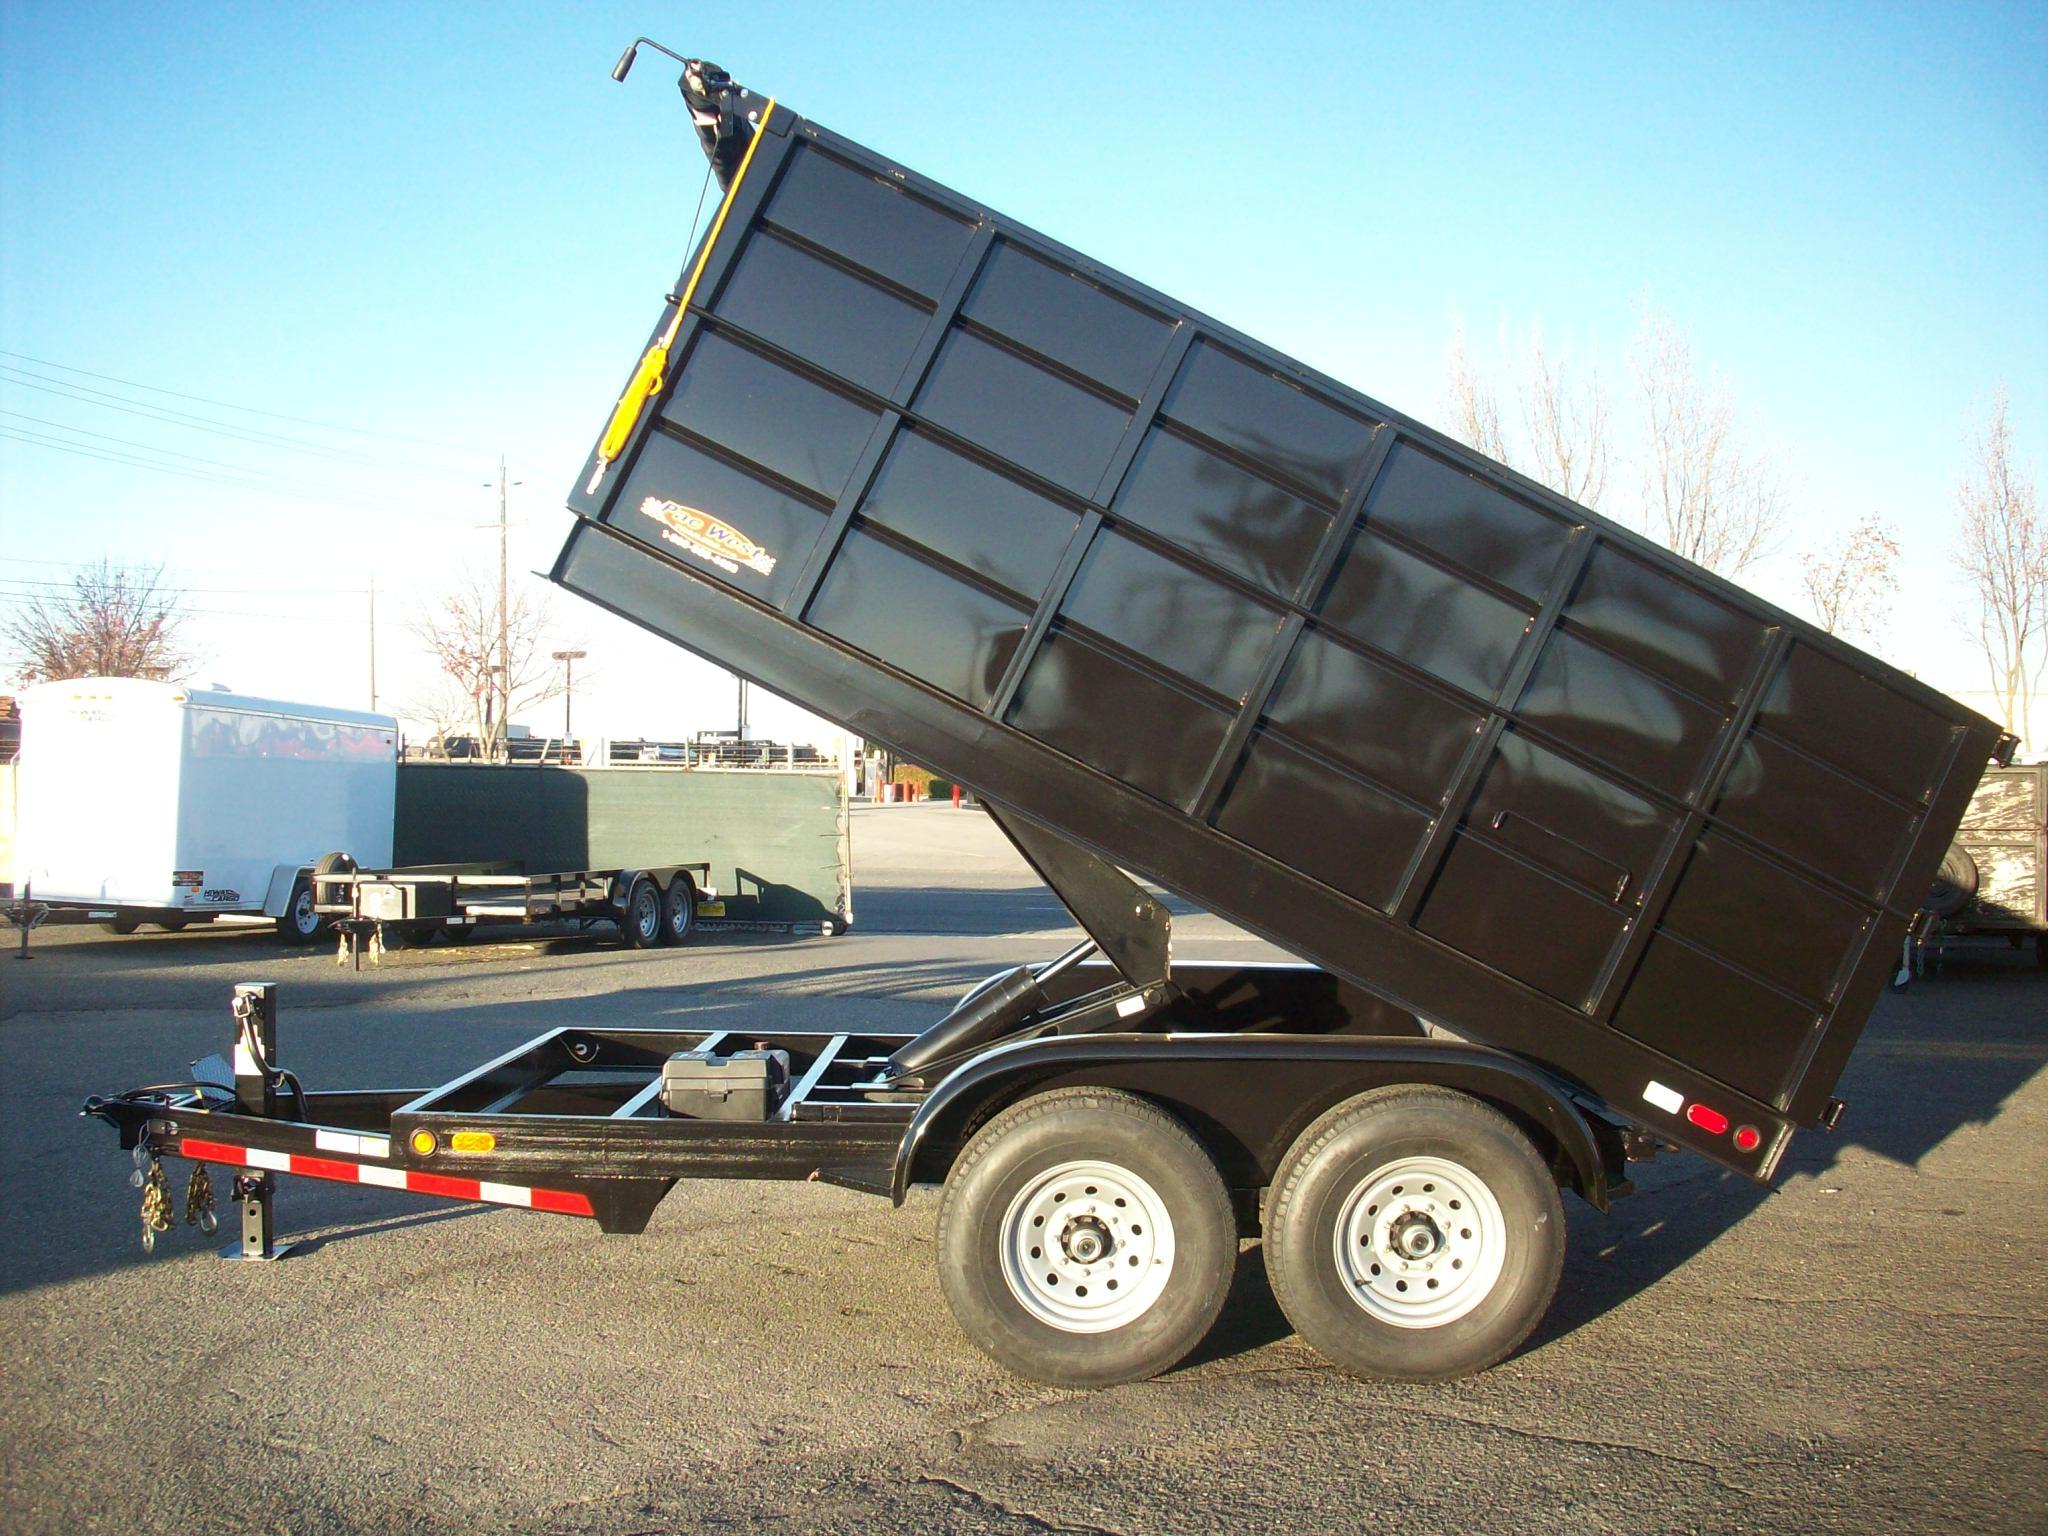 Gallery 7 U0026 39  Wide Heavy Duty Hydraulic Dump Trailers